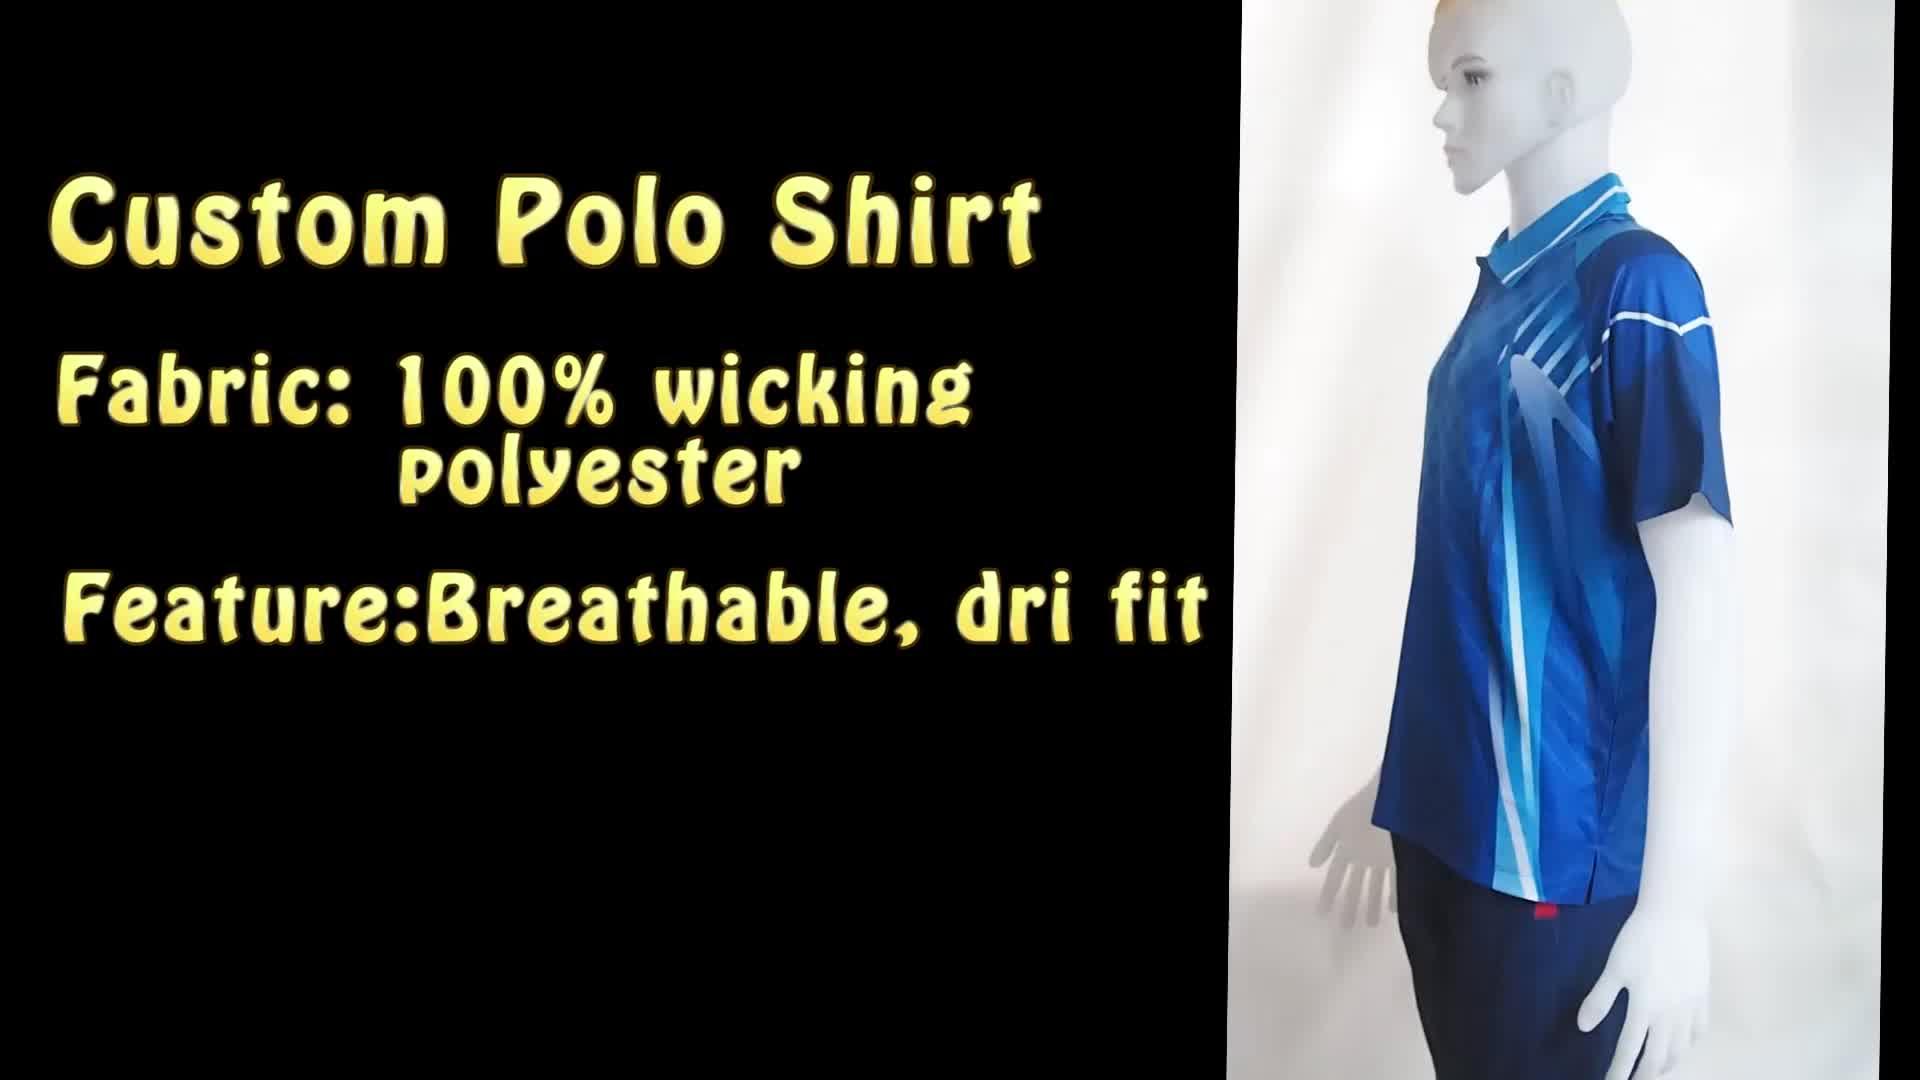 Süblimasyon beyaz yarış kıyafeti baskı logosu özel at yarış kıyafeti kostüm polo yaka